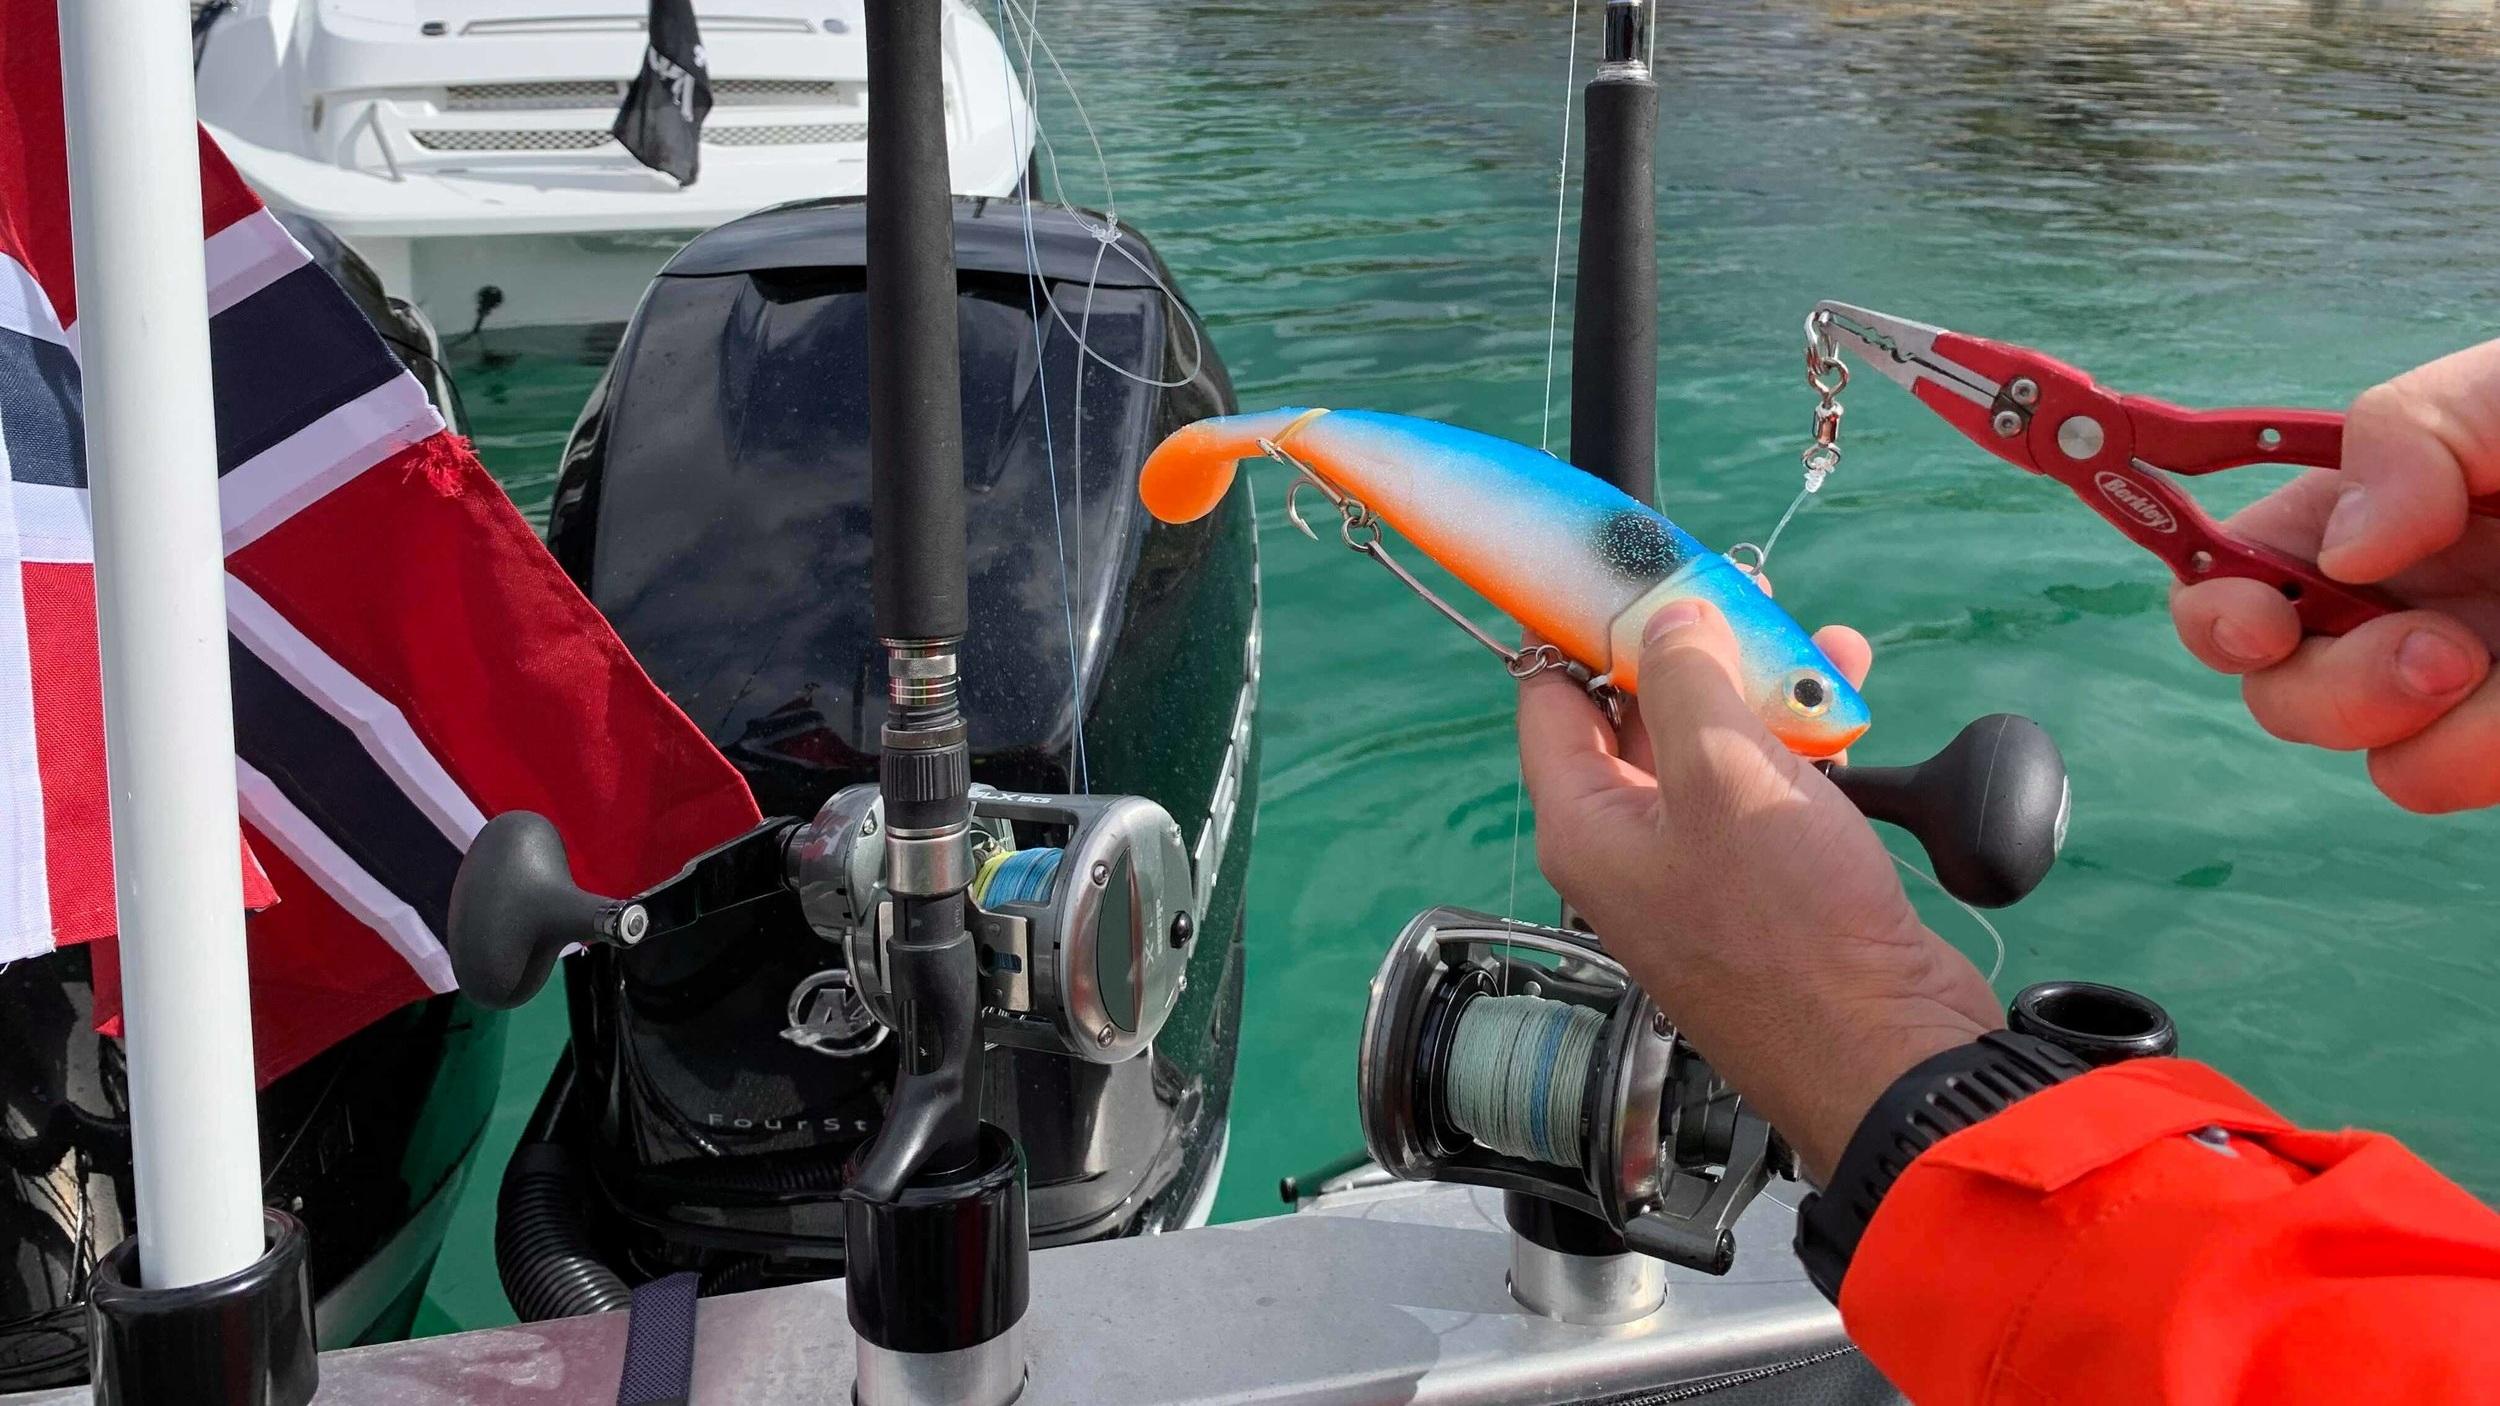 Flere varianter av fiskeutstyr for leie og salg.